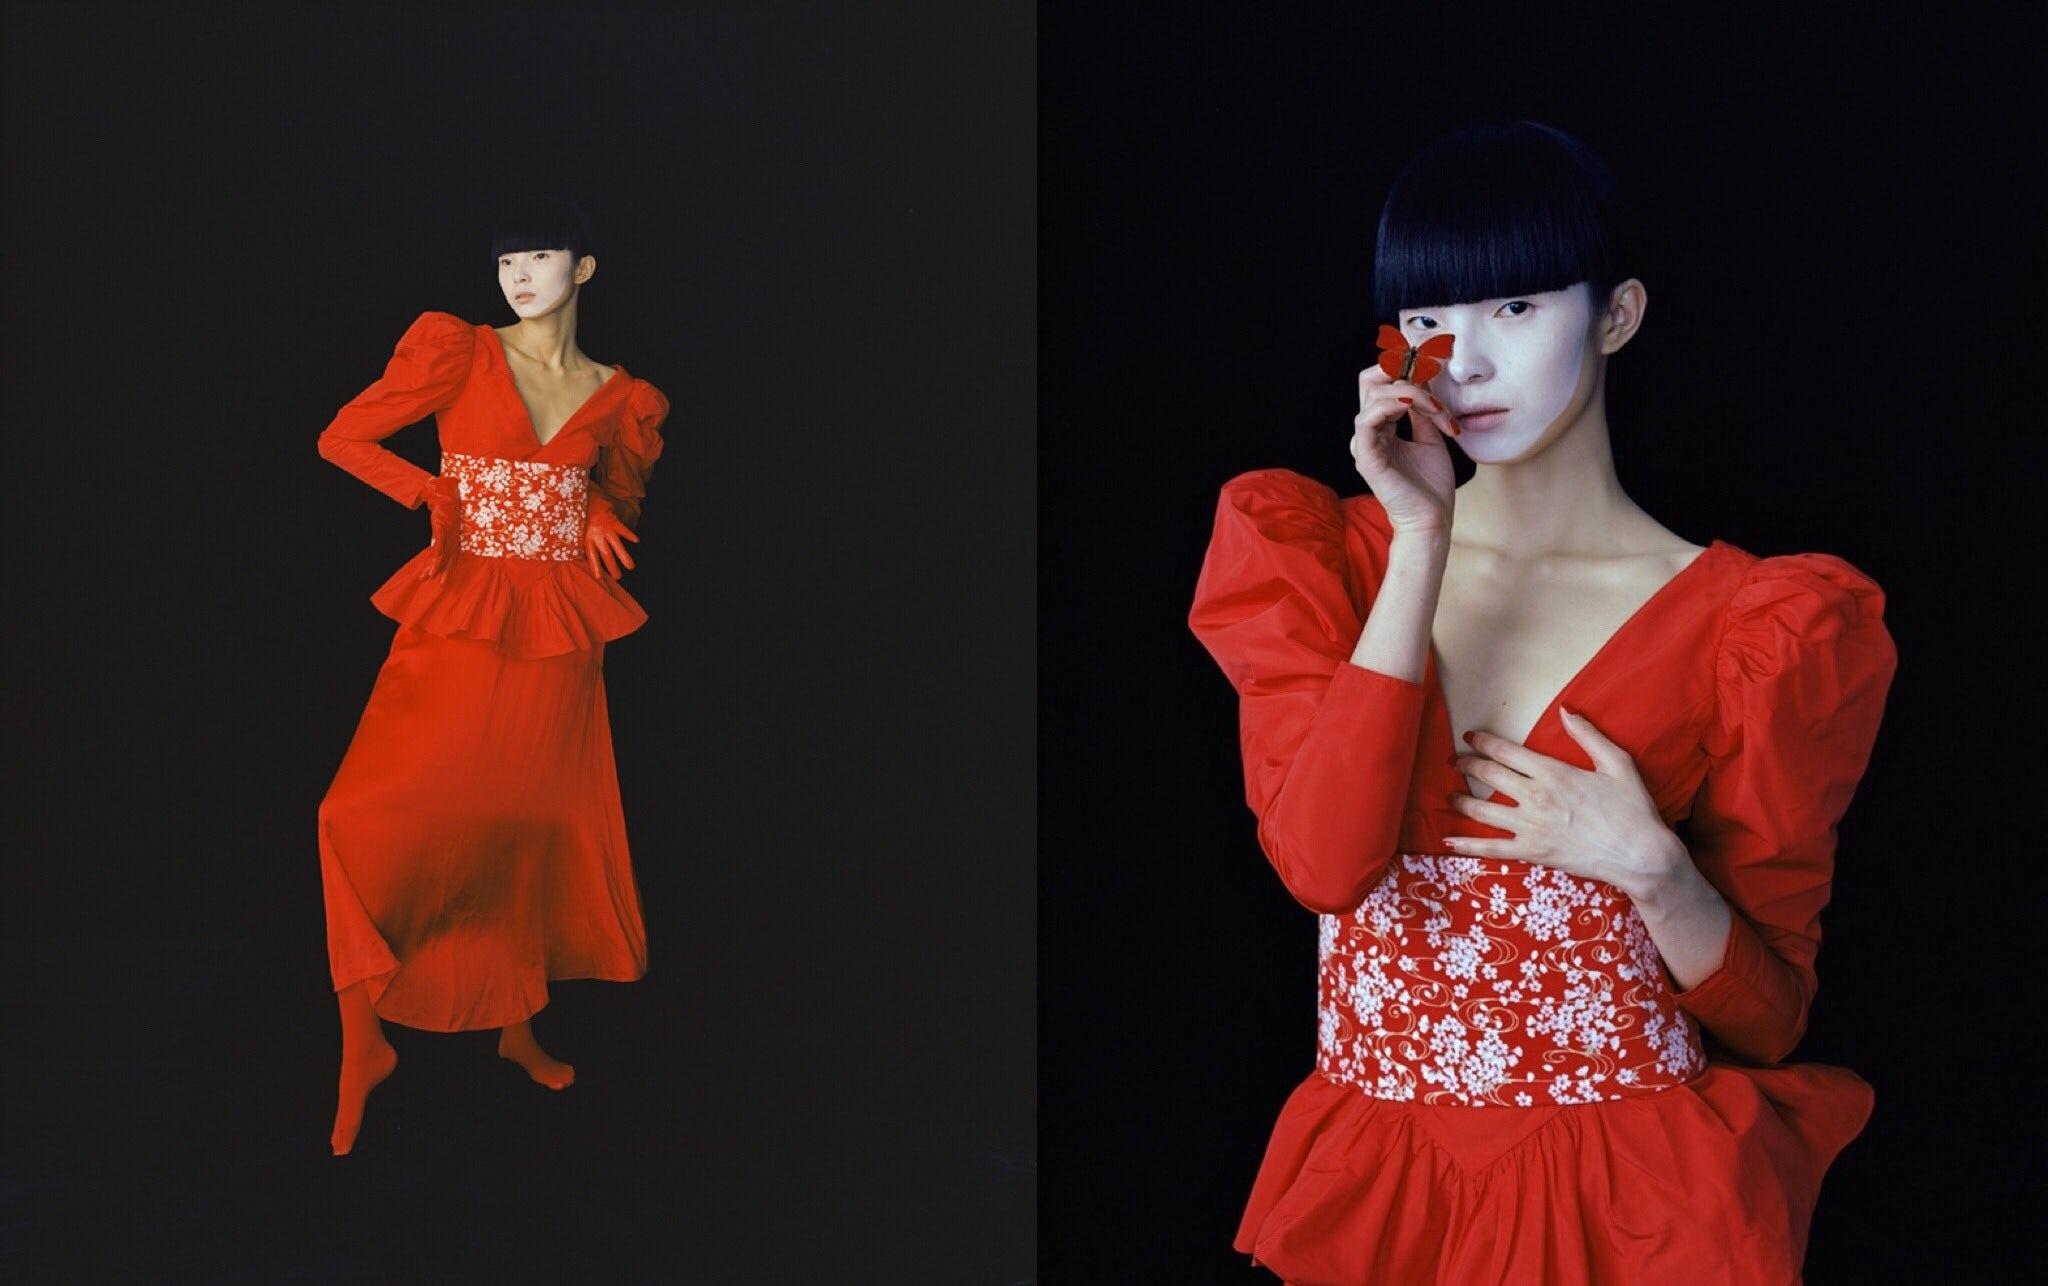 Xiao Wen Ju in Shushu/Tong by Leslie Zhang | Source: Courtesy